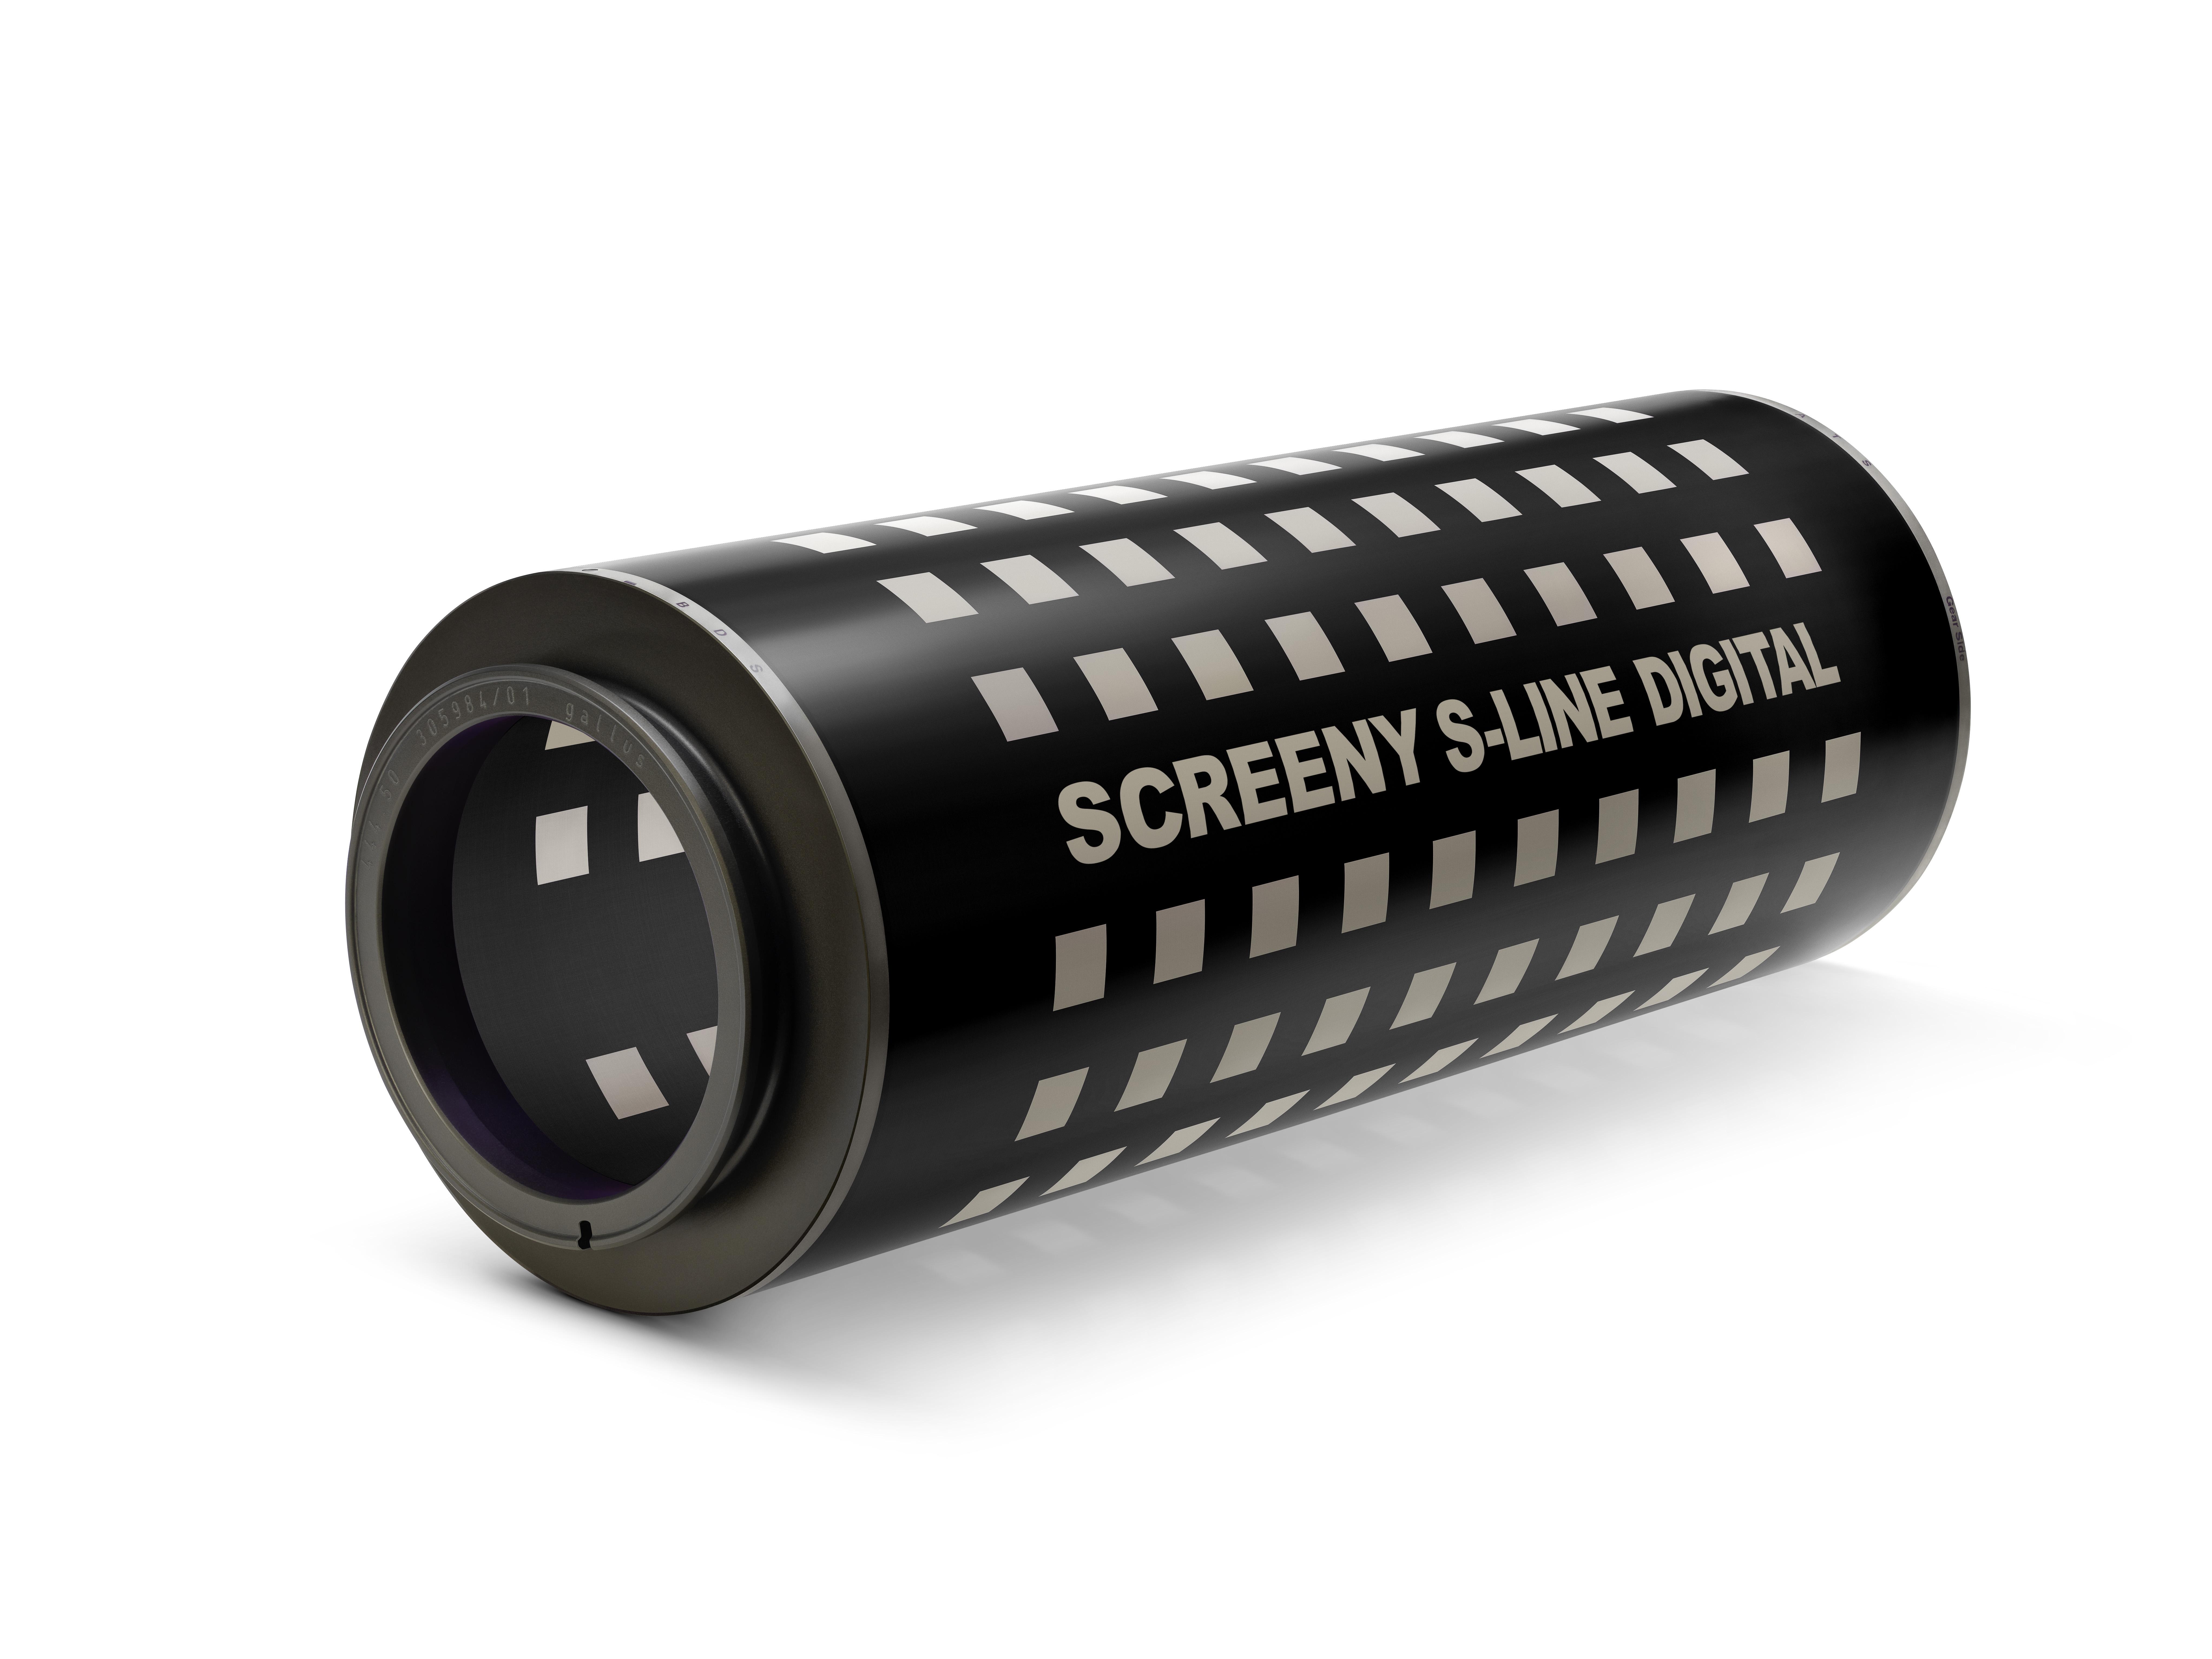 4_screeny_s-line digital_schatten